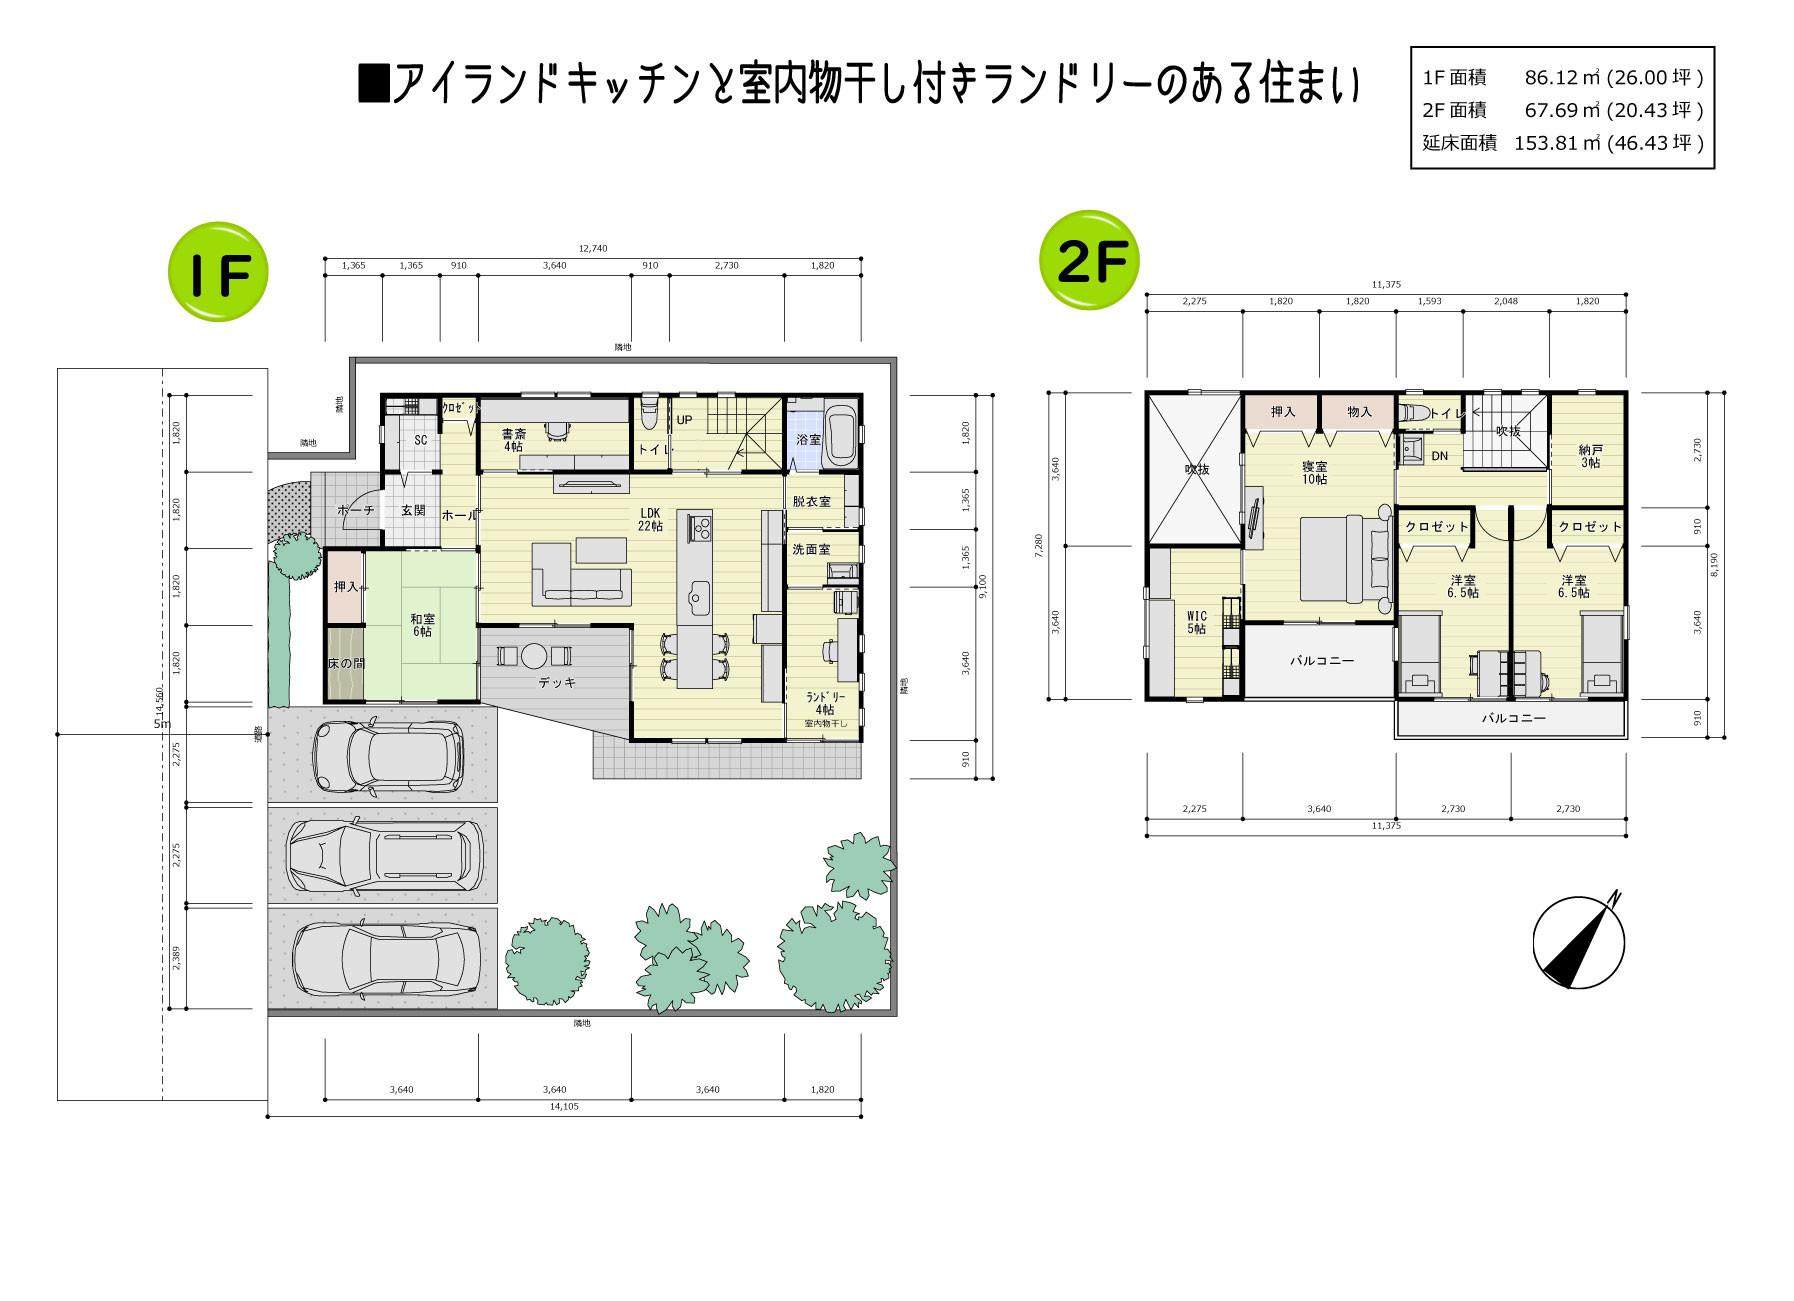 46坪 アイランドキッチンと室内物干し付きランドリーのある住まい